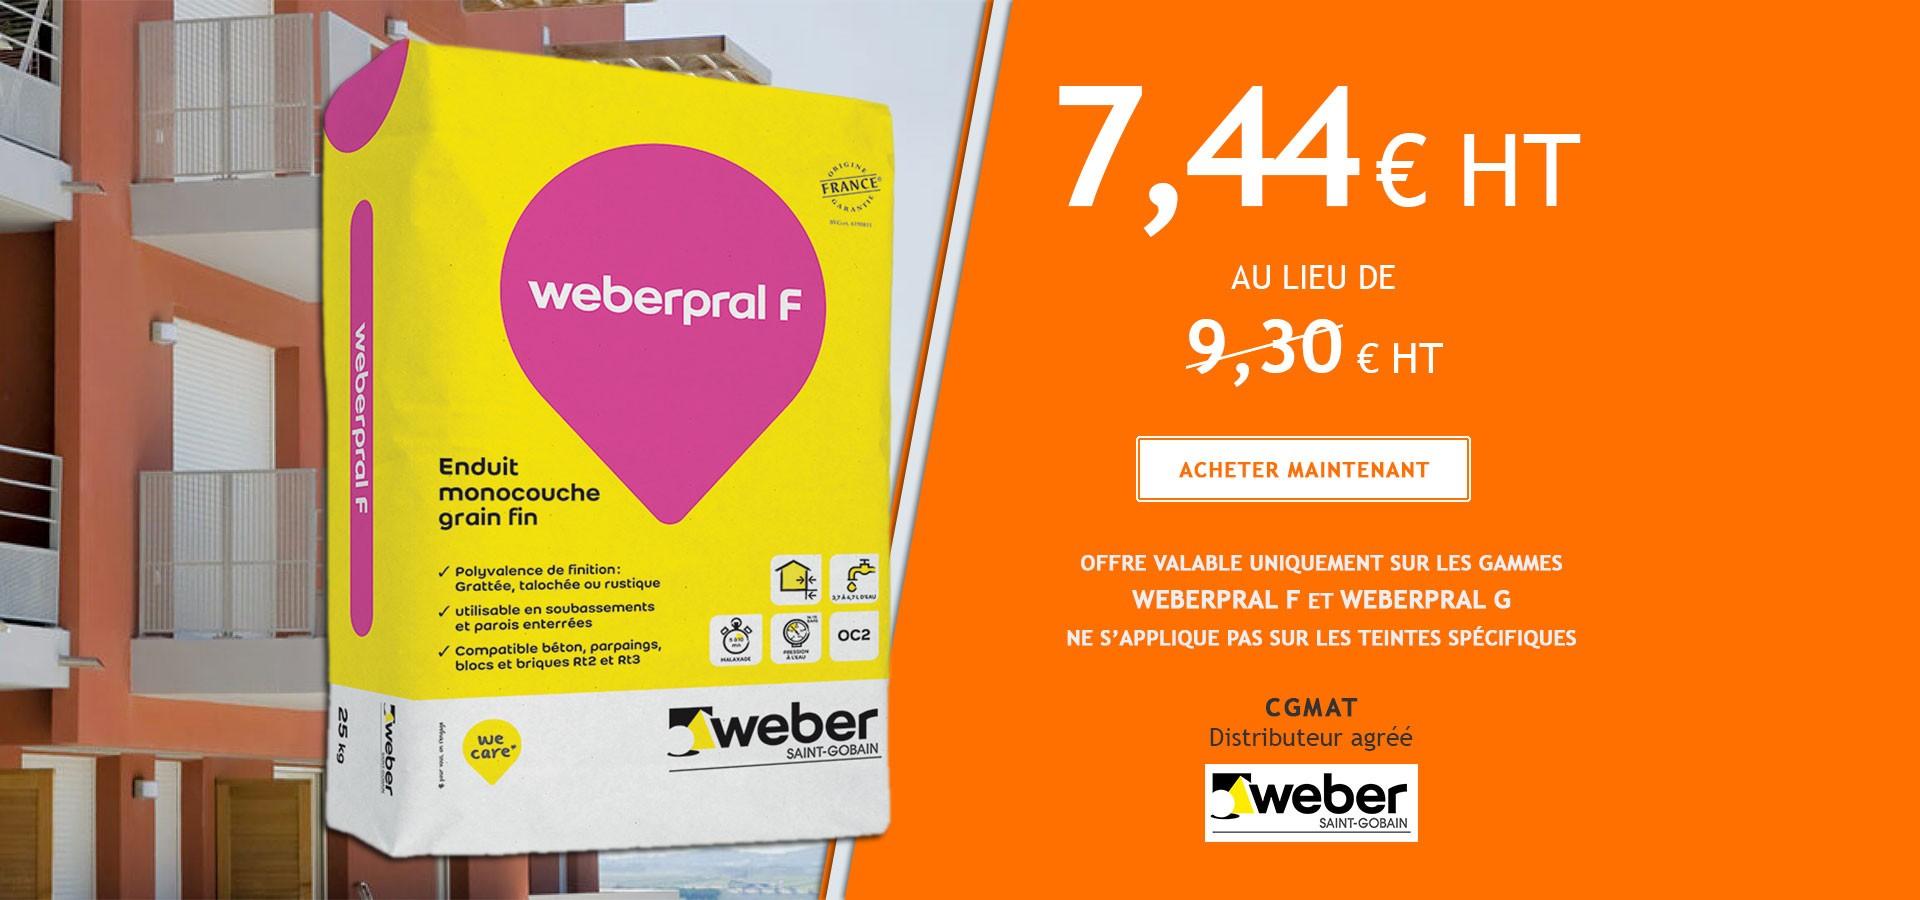 Weberpral F